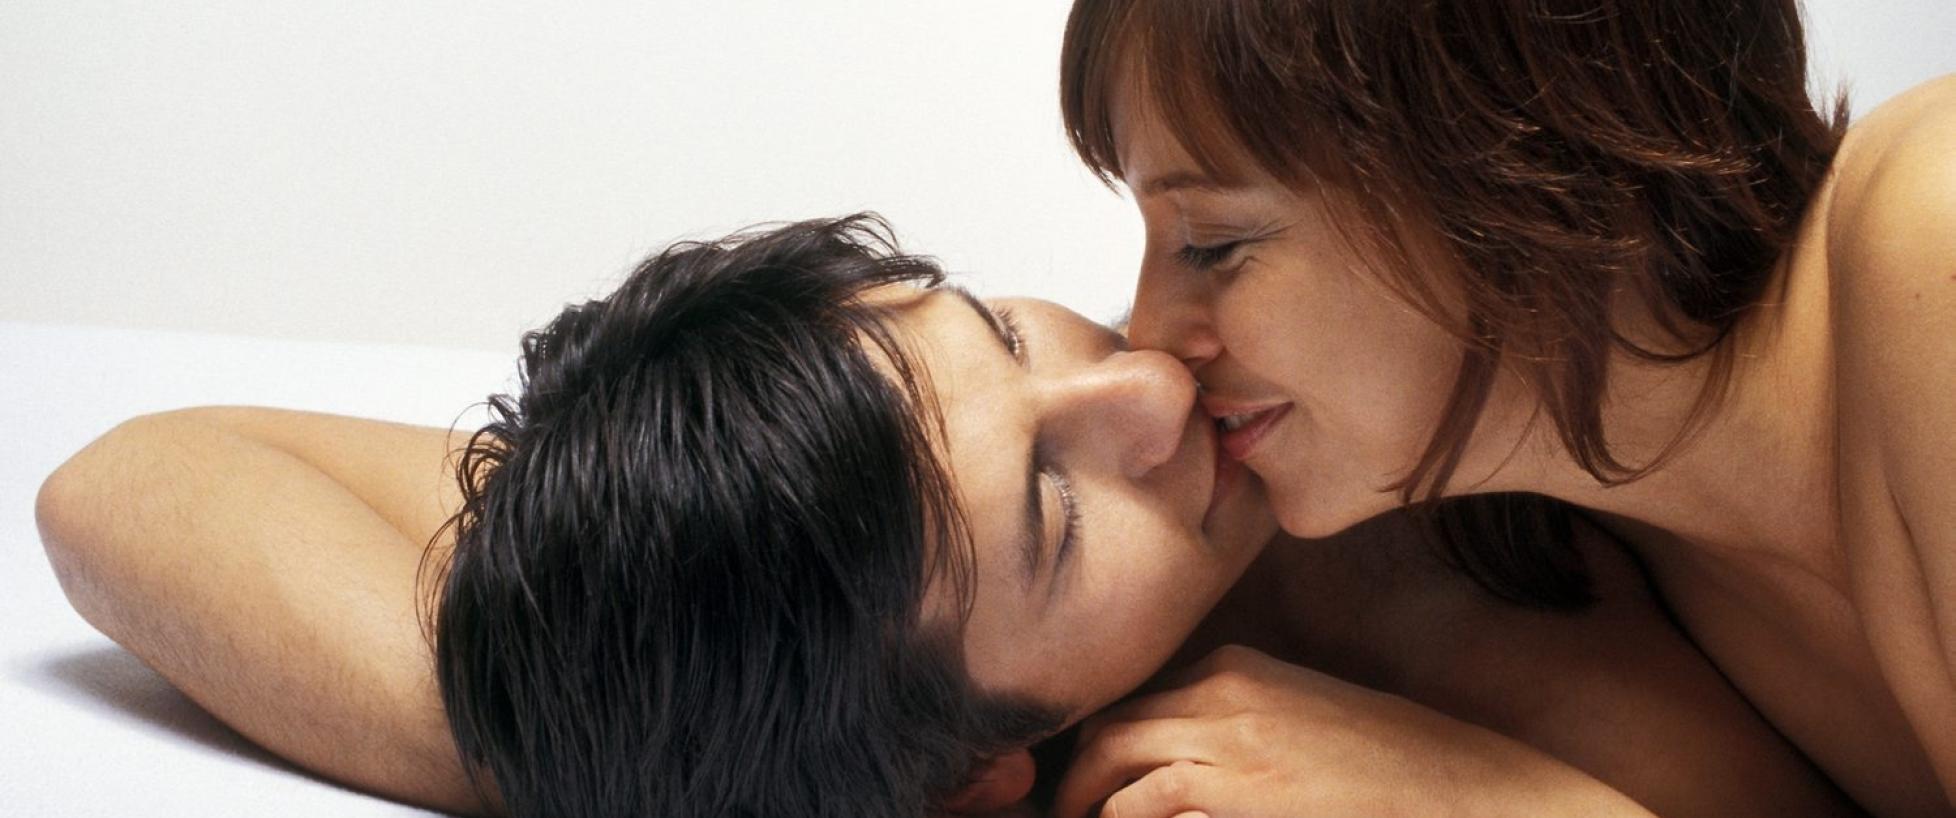 nettdating gratis kvinnens orgasme